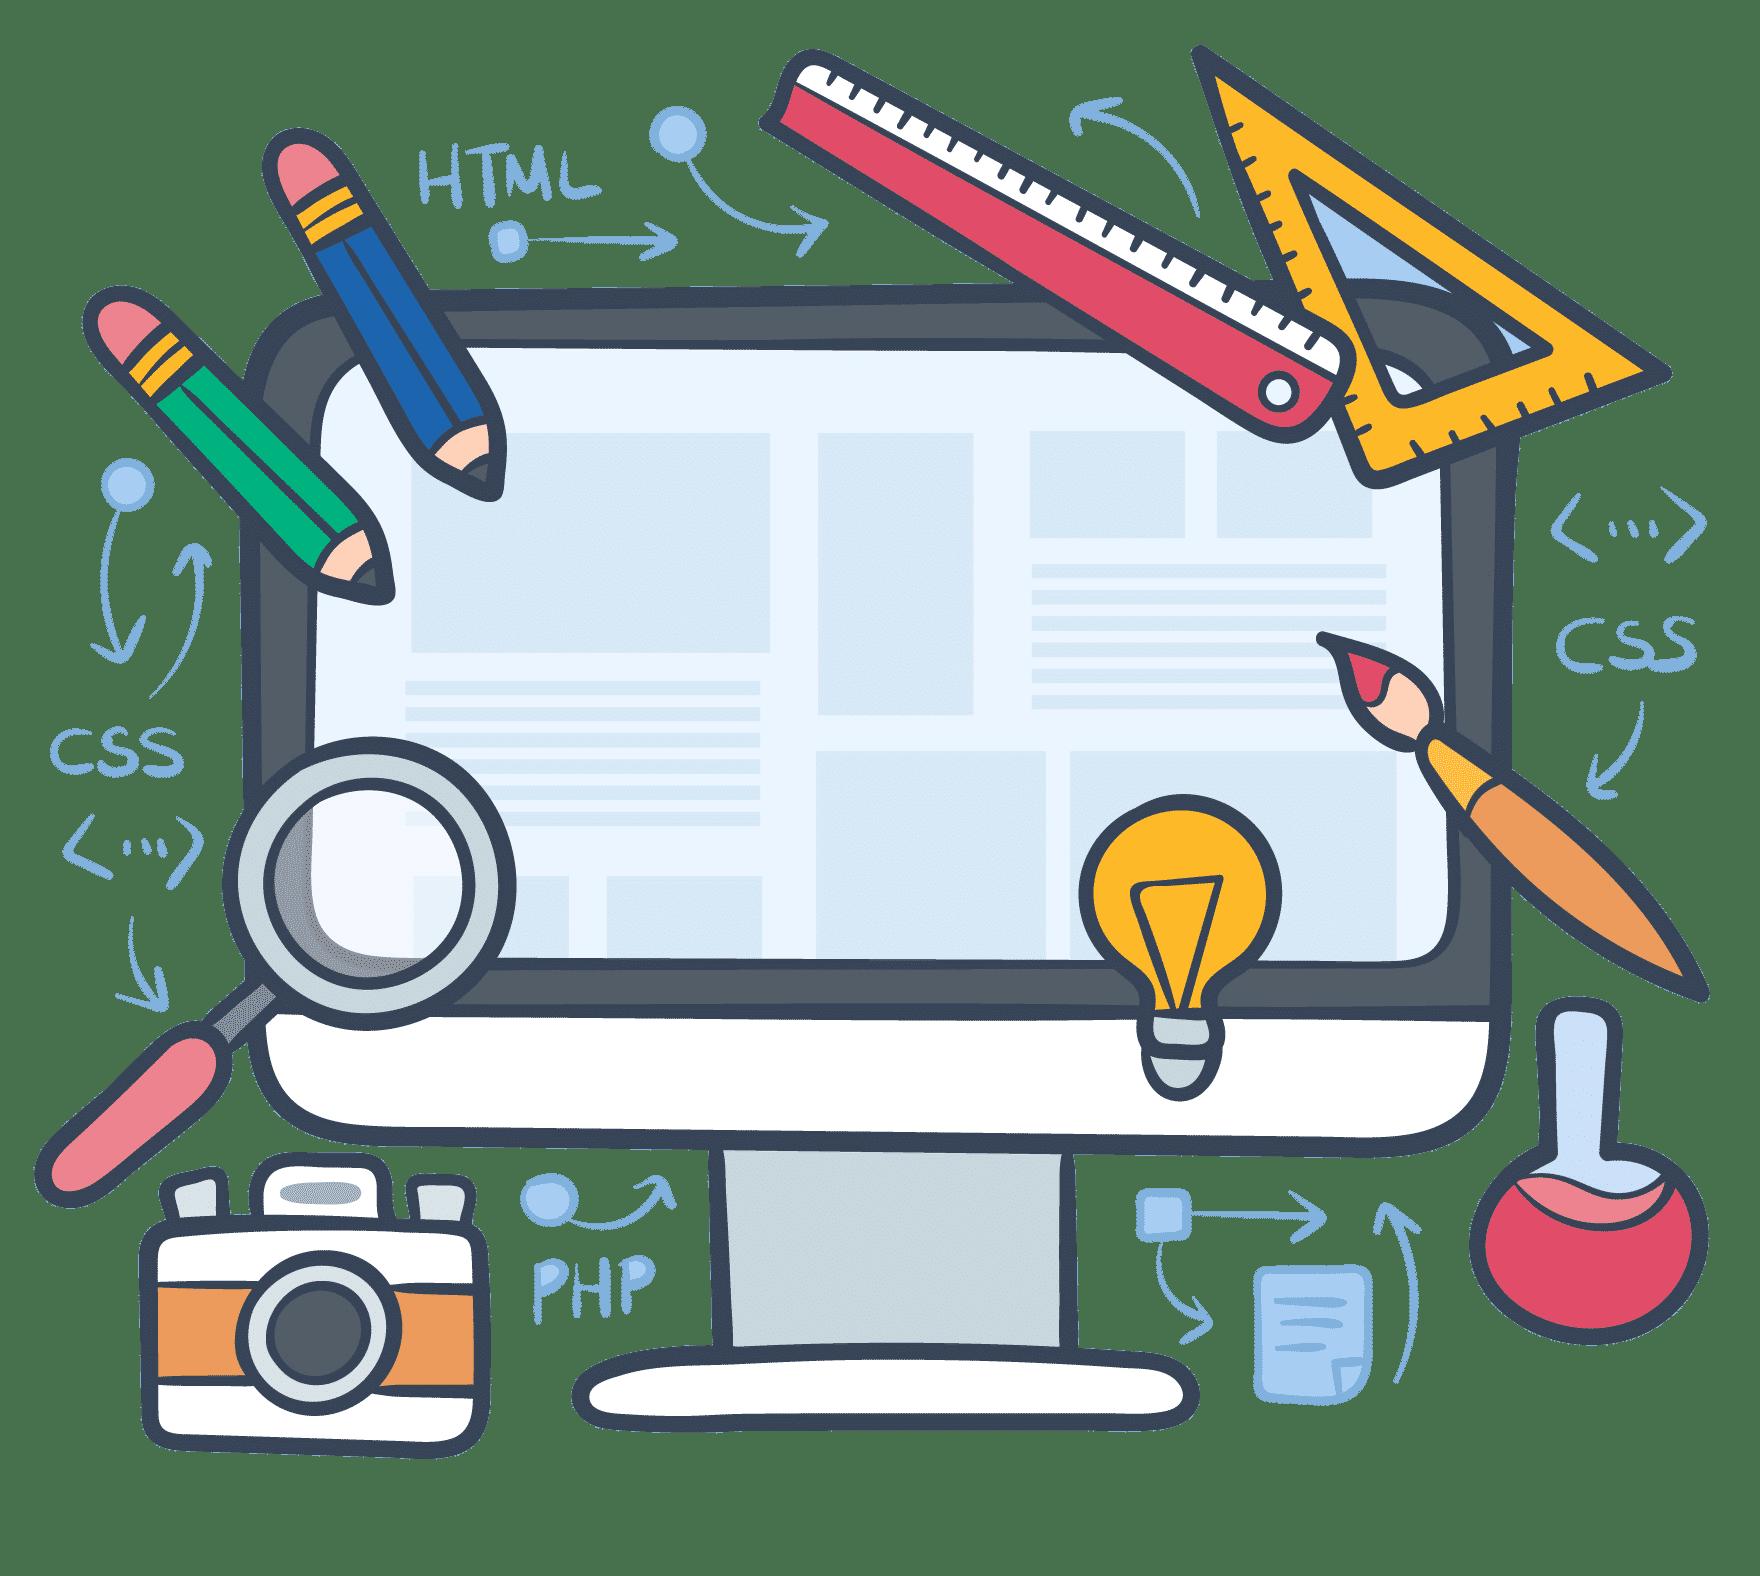 أفضل شركة تصميم مواقع الكترونية إحترافية